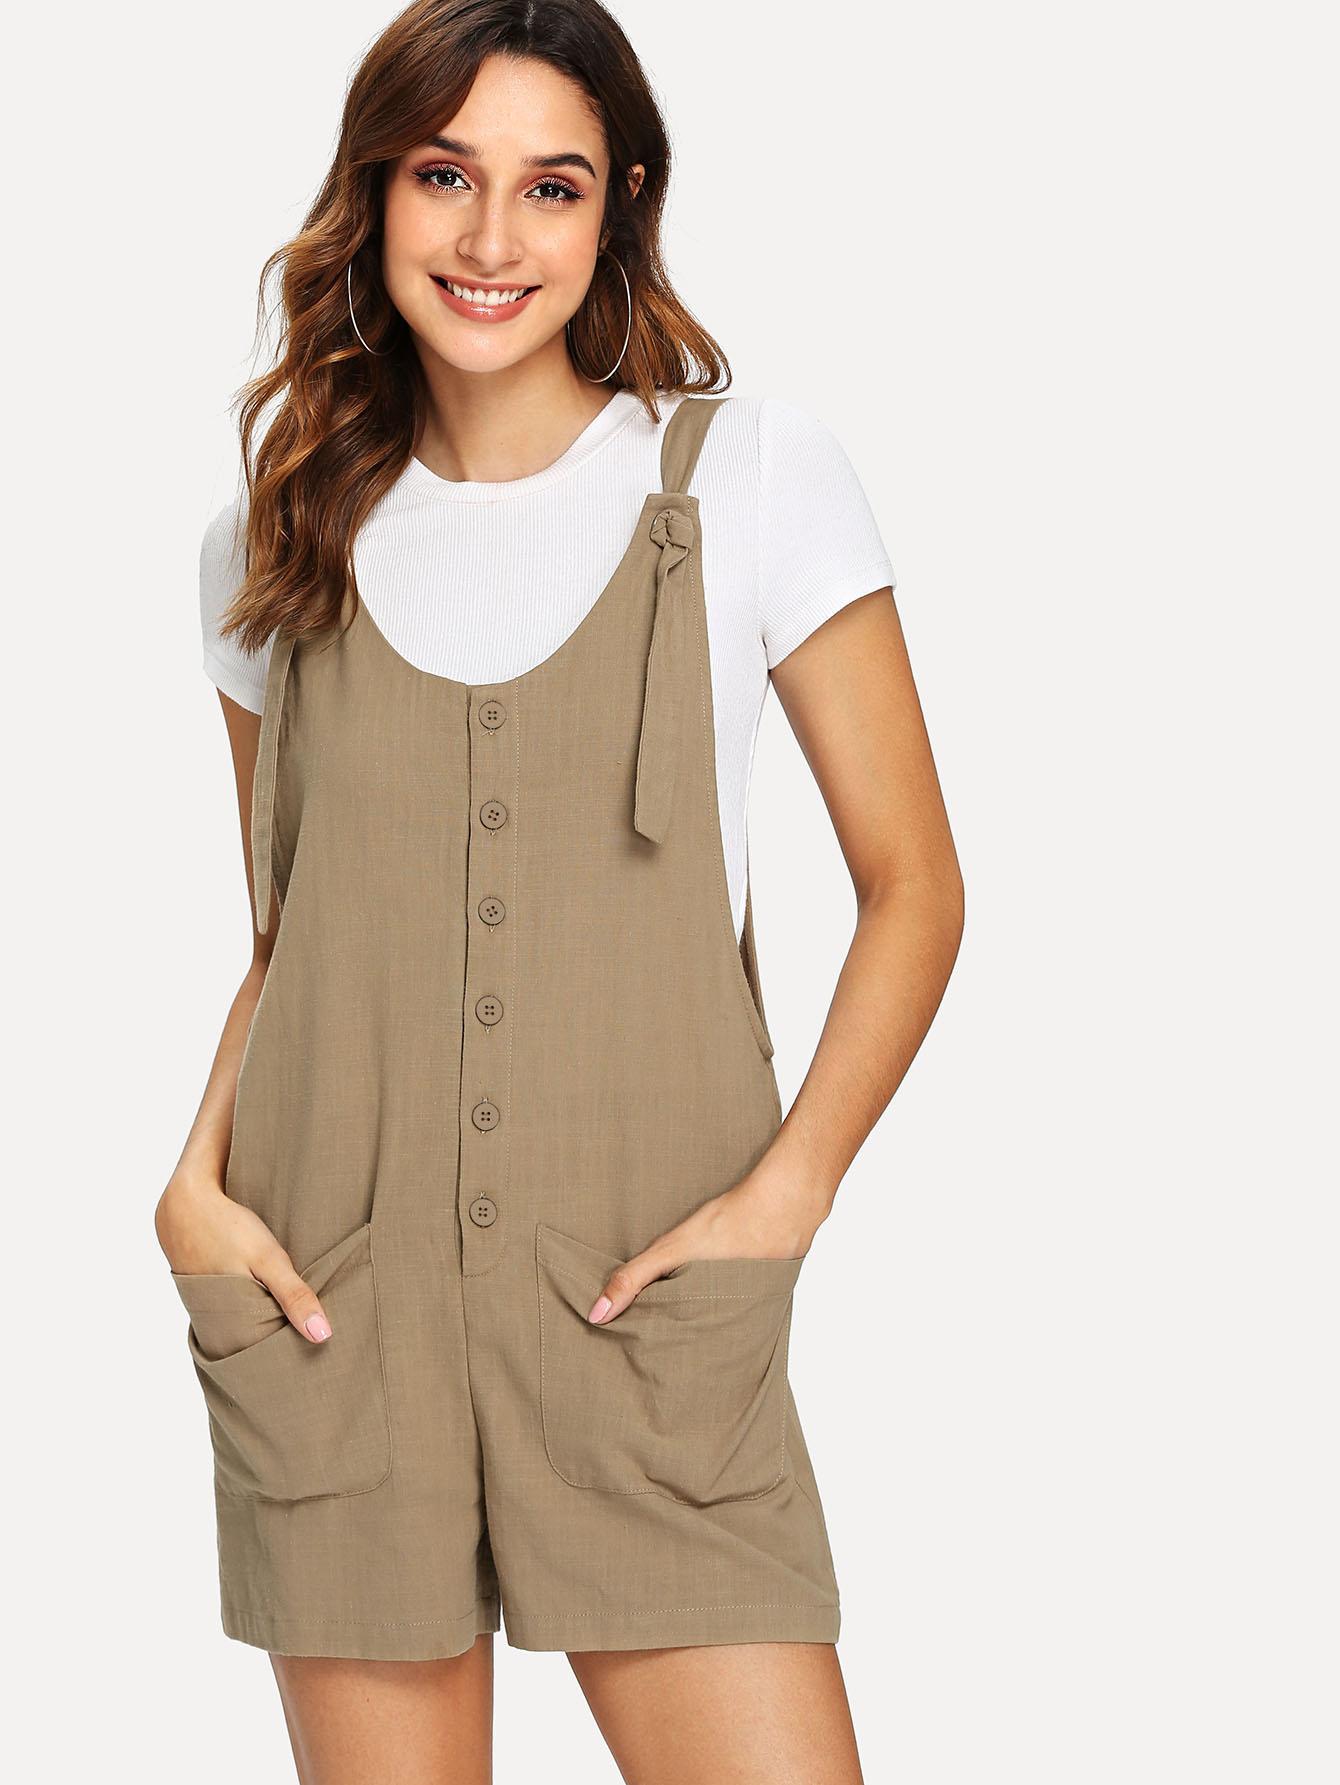 SHEINKnot Shoulder Button & Pocket Up Jumpsuit